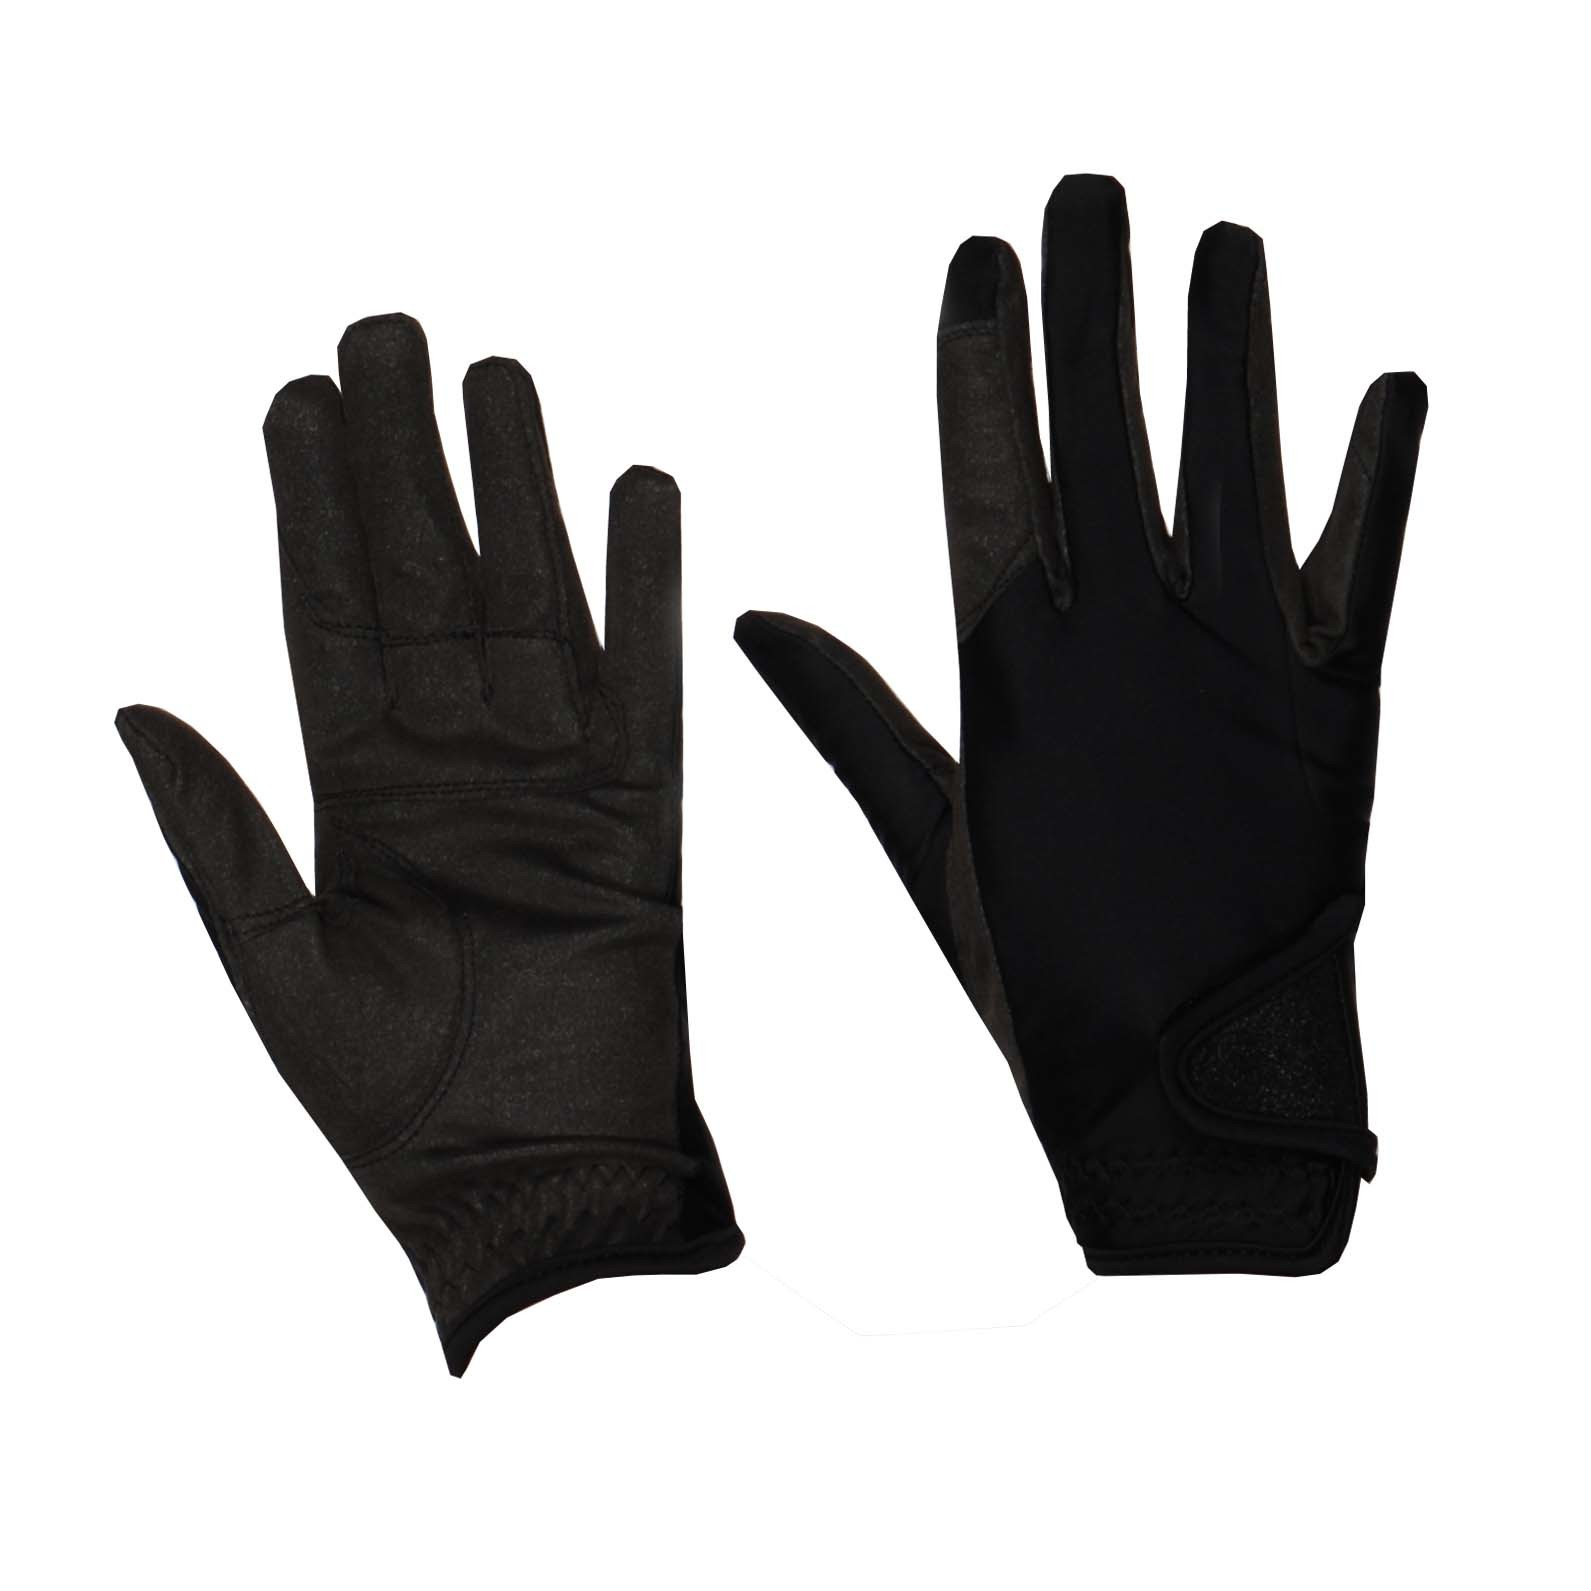 Mondoni Medellin handschoenen zwart maat:xs